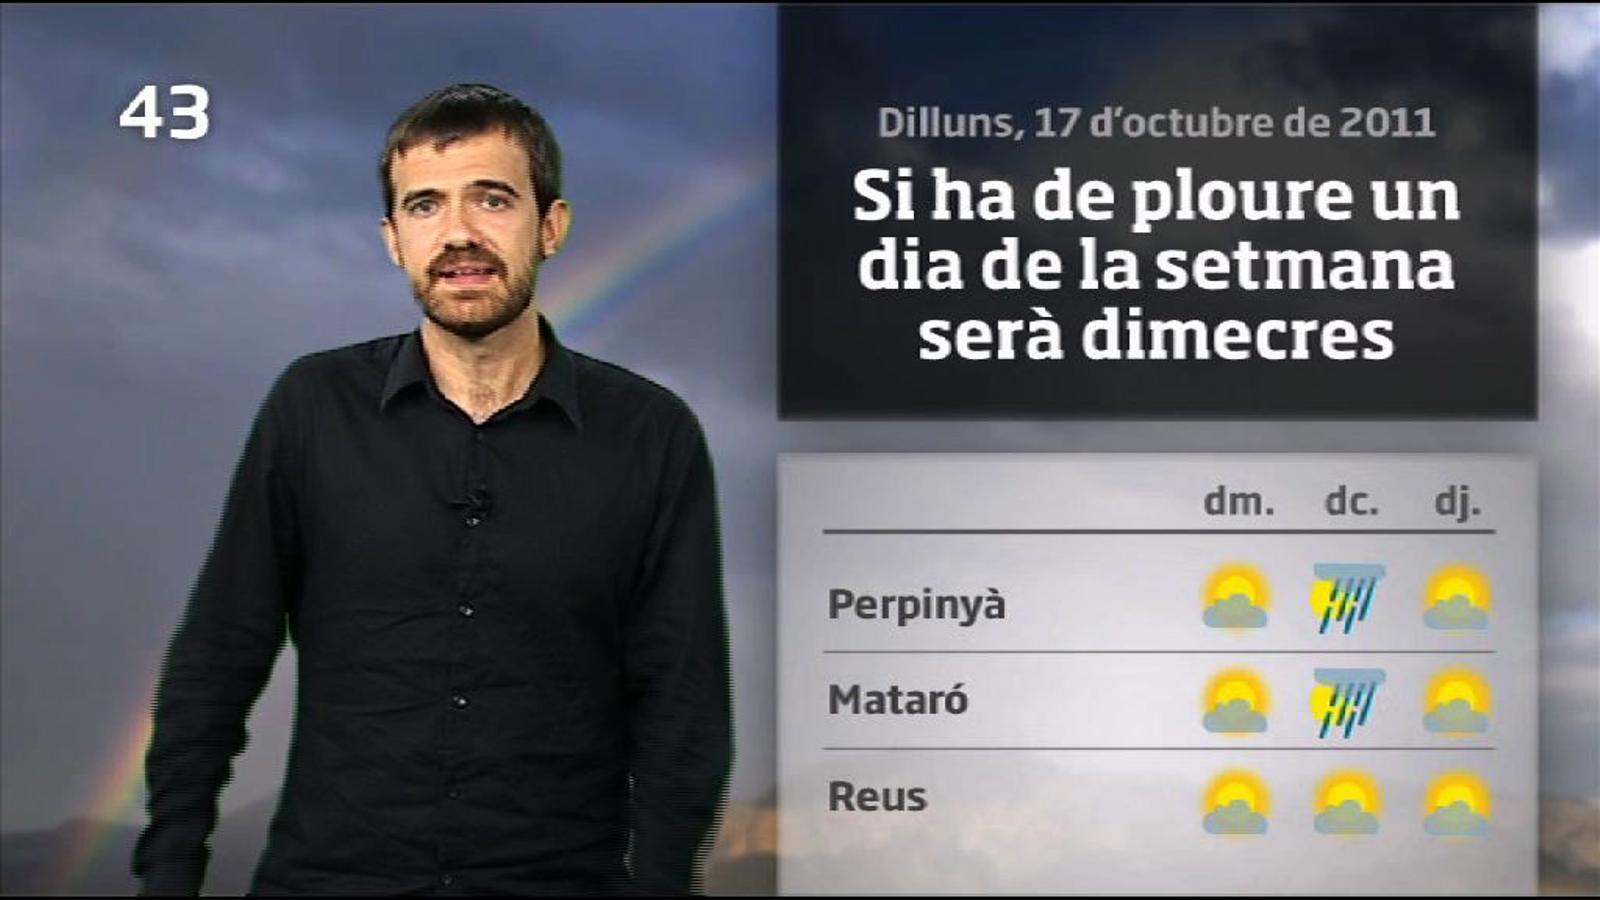 La méteo en 1 minut: tongada de xàfecs dimecres (18/10/2011)